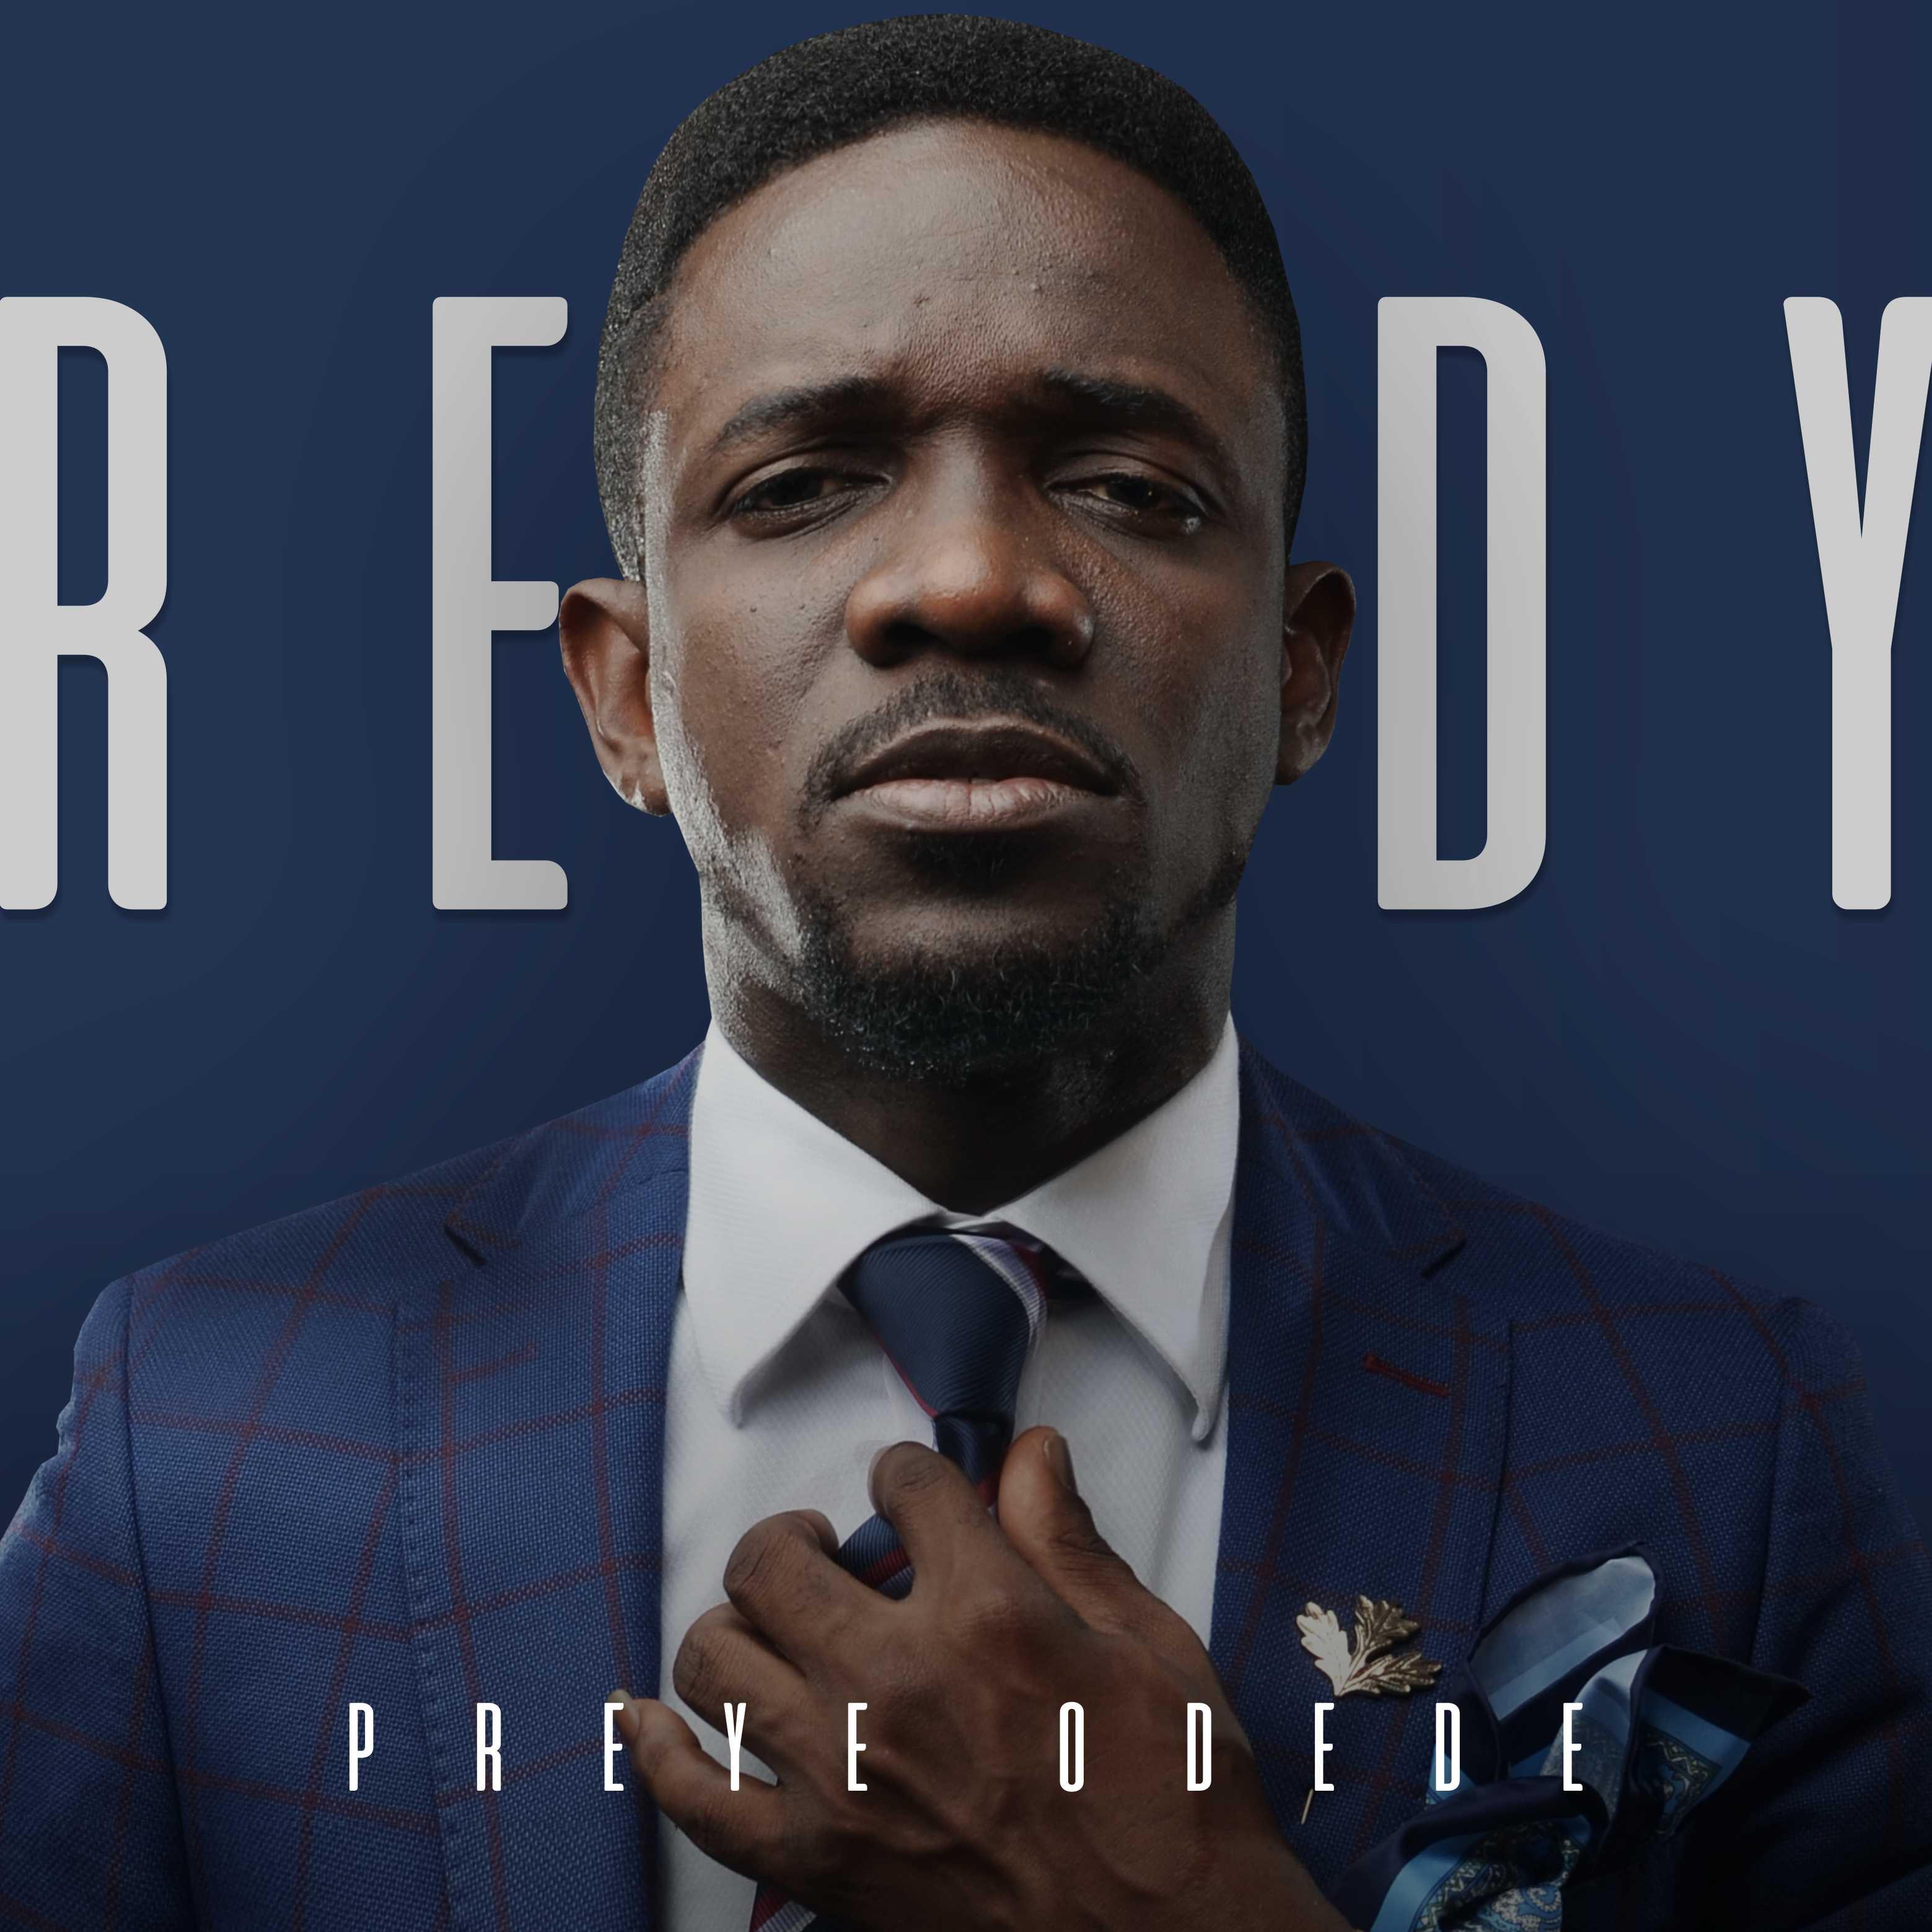 Preye Odede - Ready